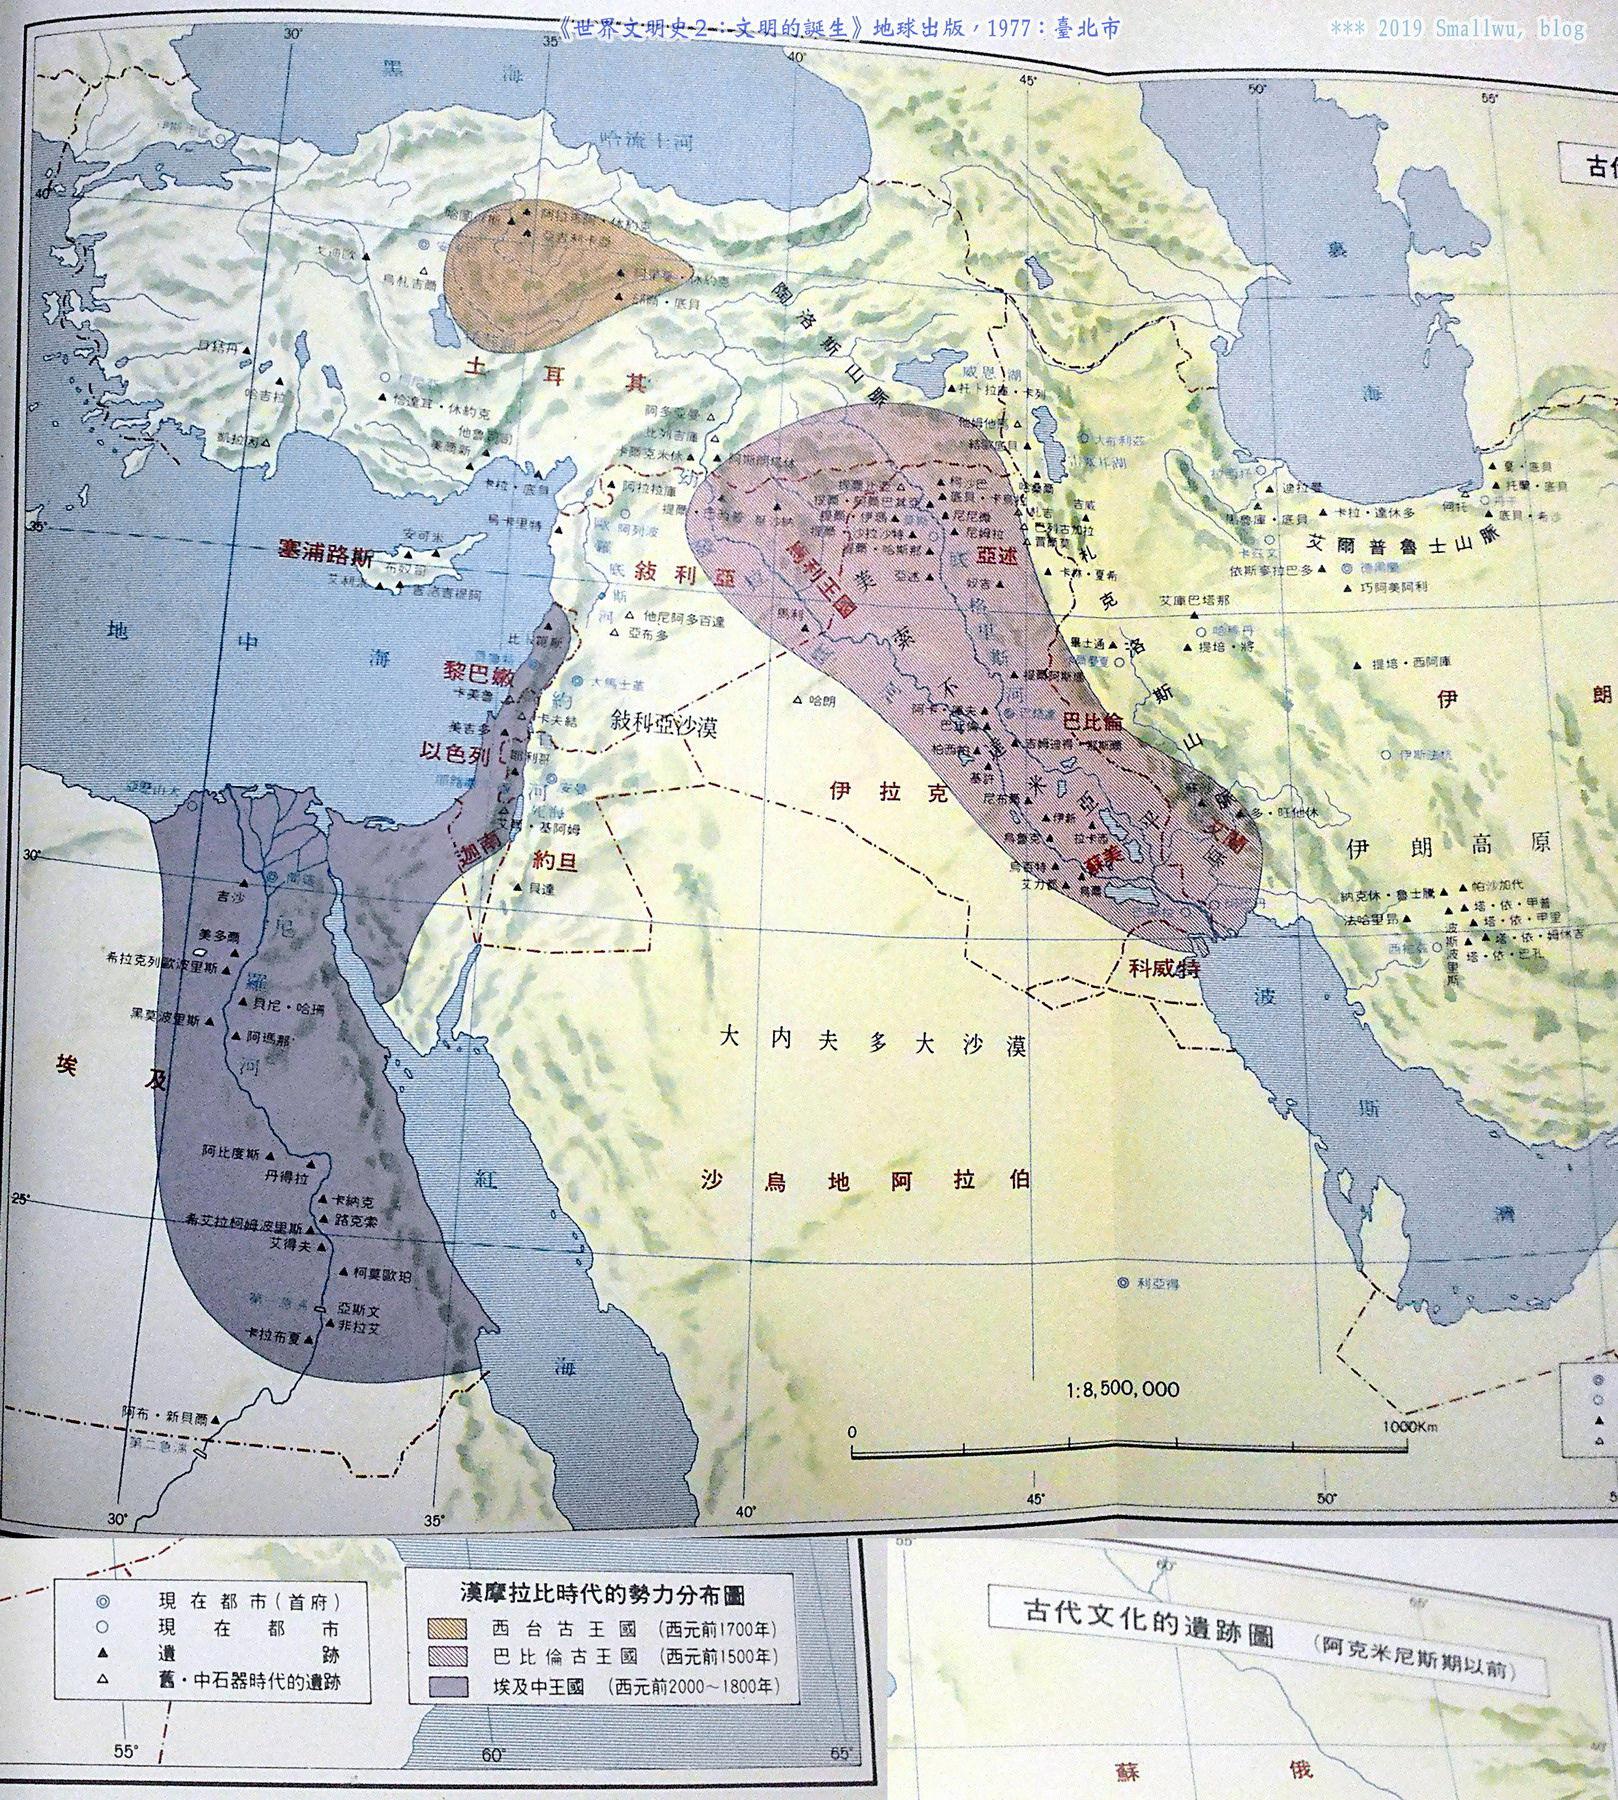 世界文明史2-文明的誕生-17 漢摩拉比時代勢力圖, 埃及中王國, 西台古王國.jpg